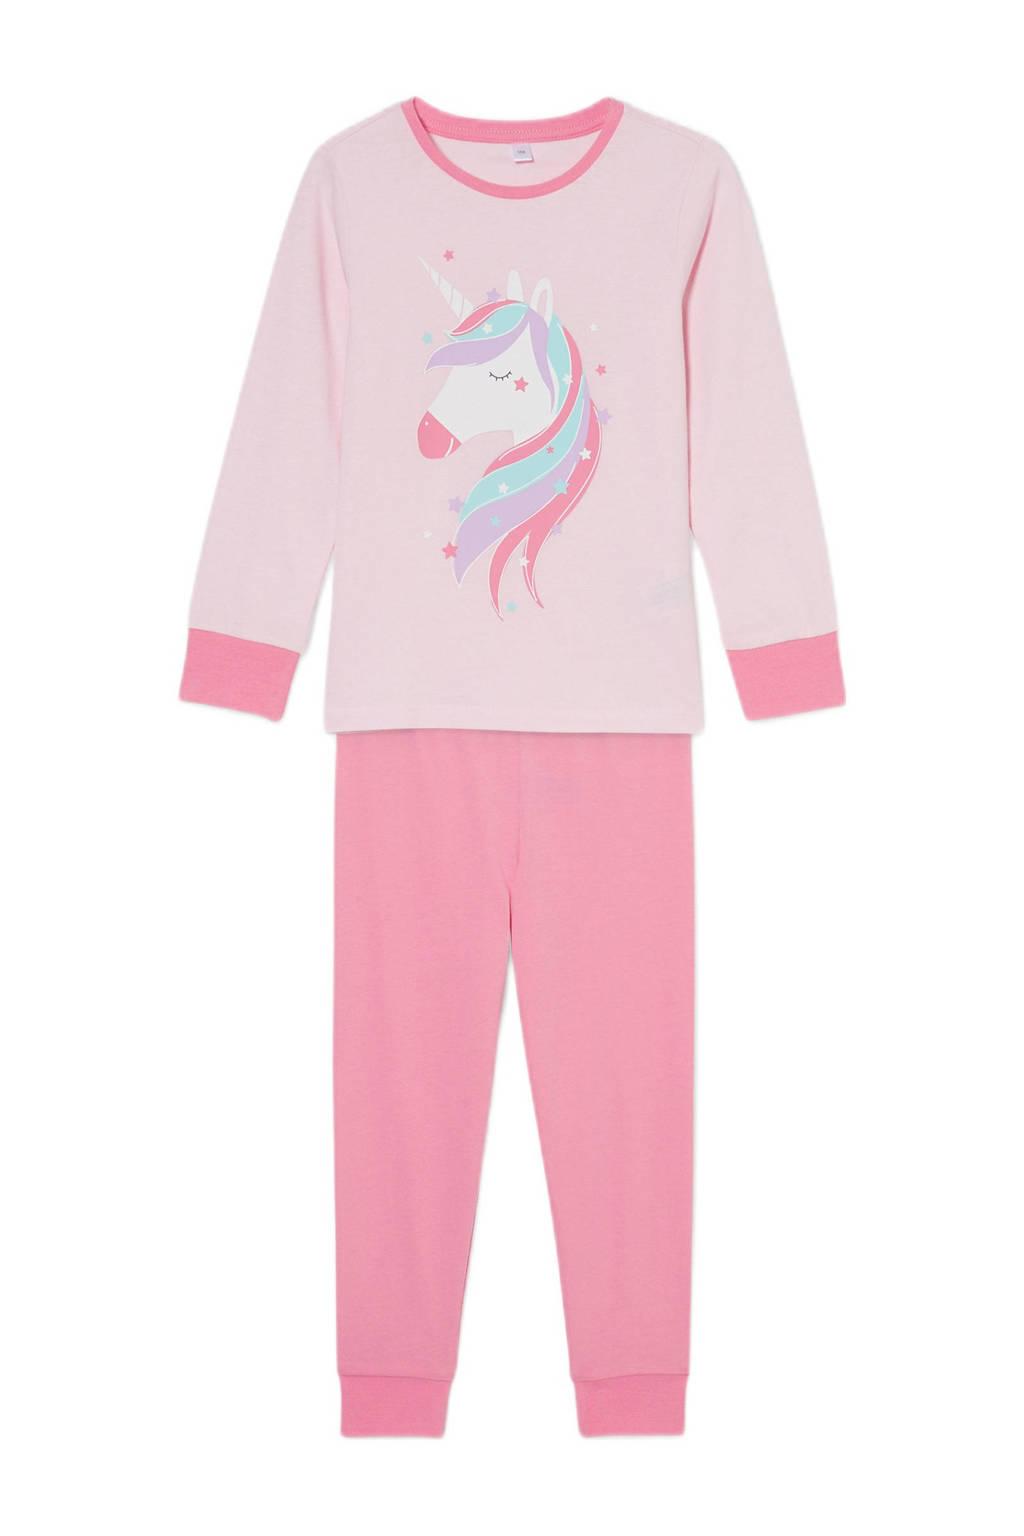 C&A pyjama met printopdruk roze, Roze